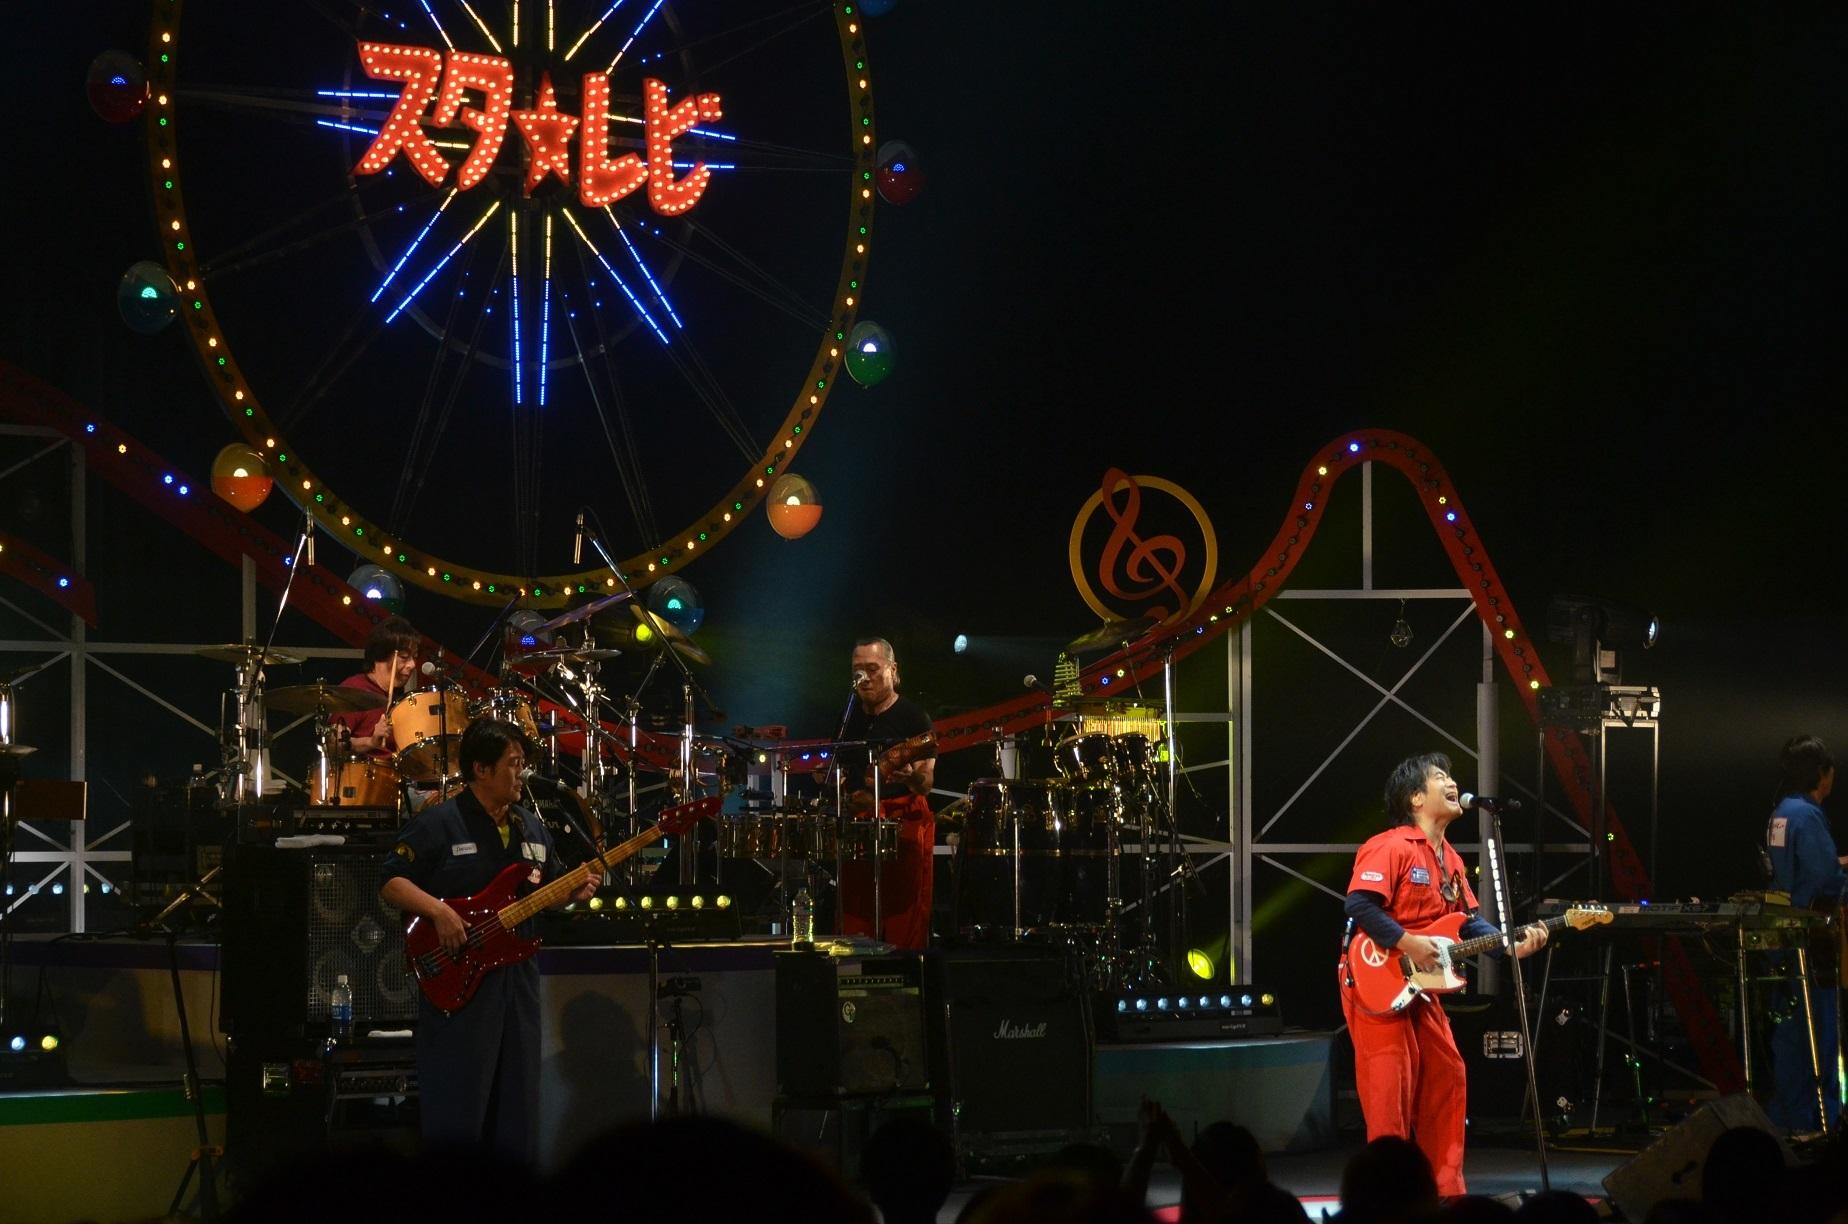 スターダスト☆レビュー『還暦少年』東京公演